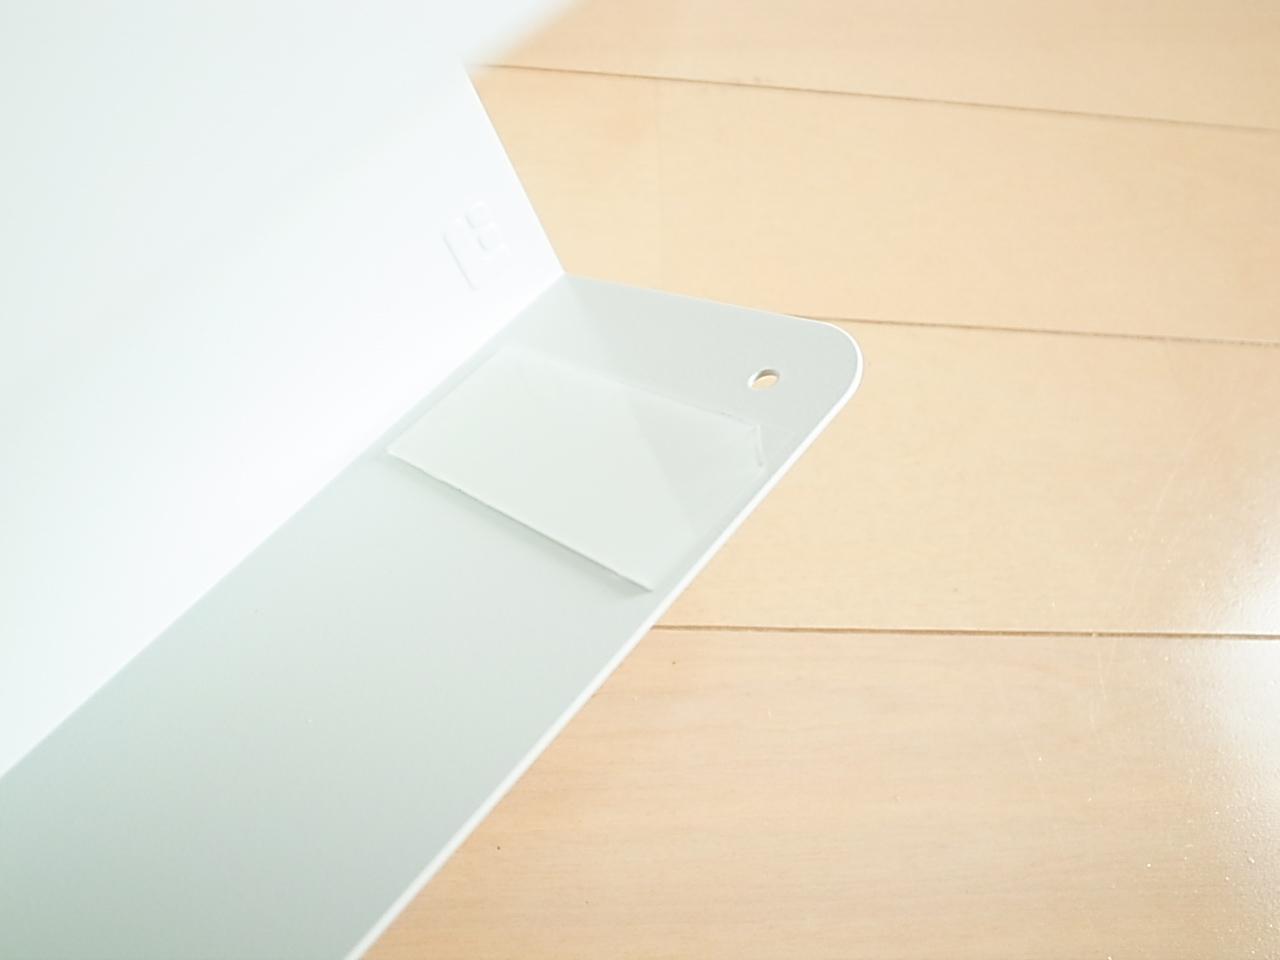 Kitchen paper hanger 6